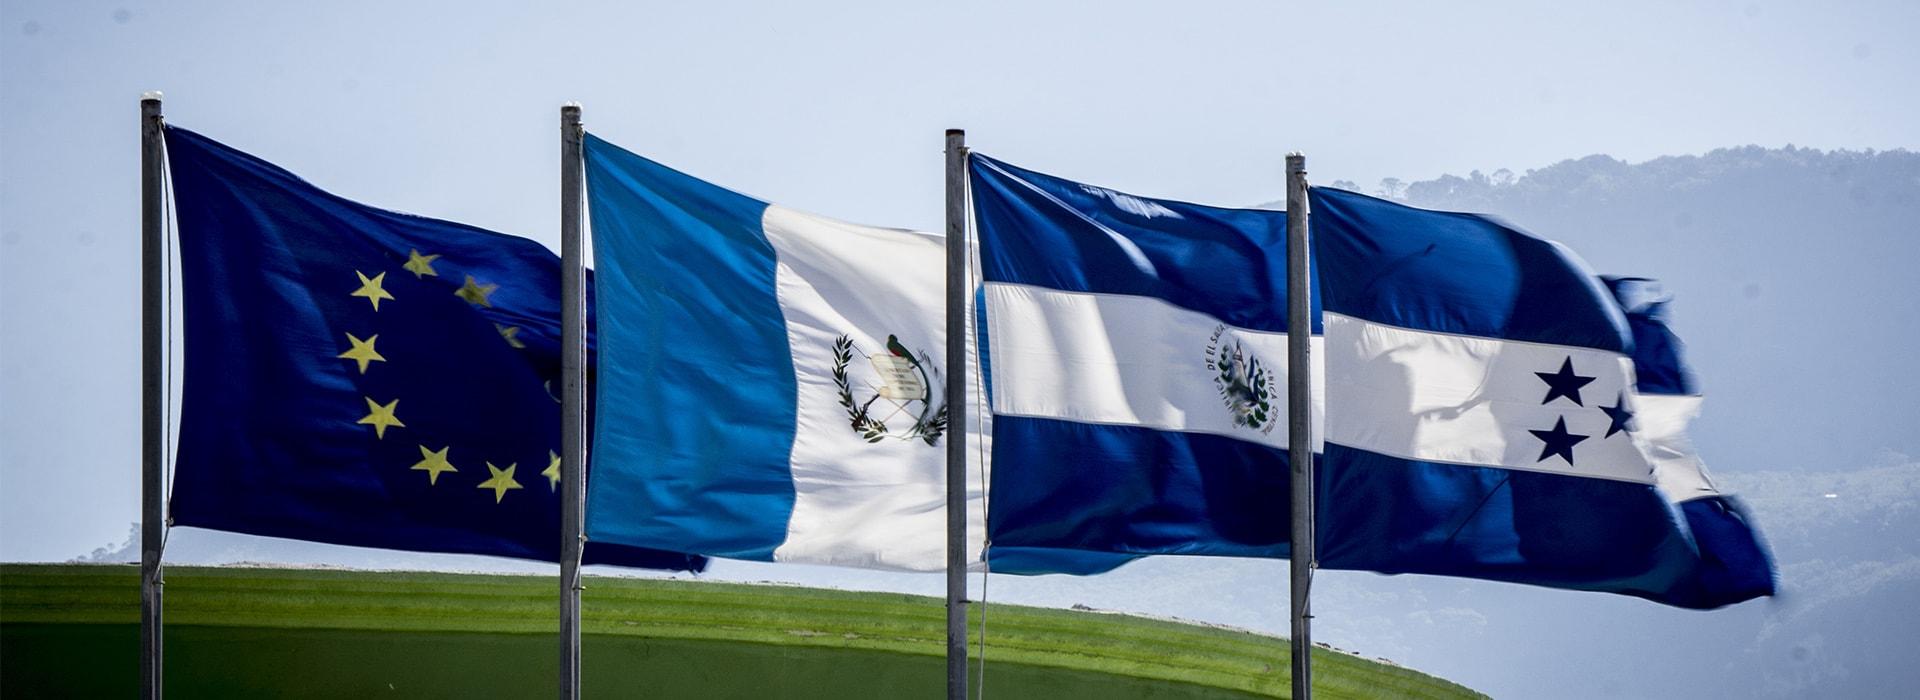 Mancomunidad Trinacional</br>Fronteriza Rio Lempa</br><small>Guatemala • El Salvador • Honduras</small>